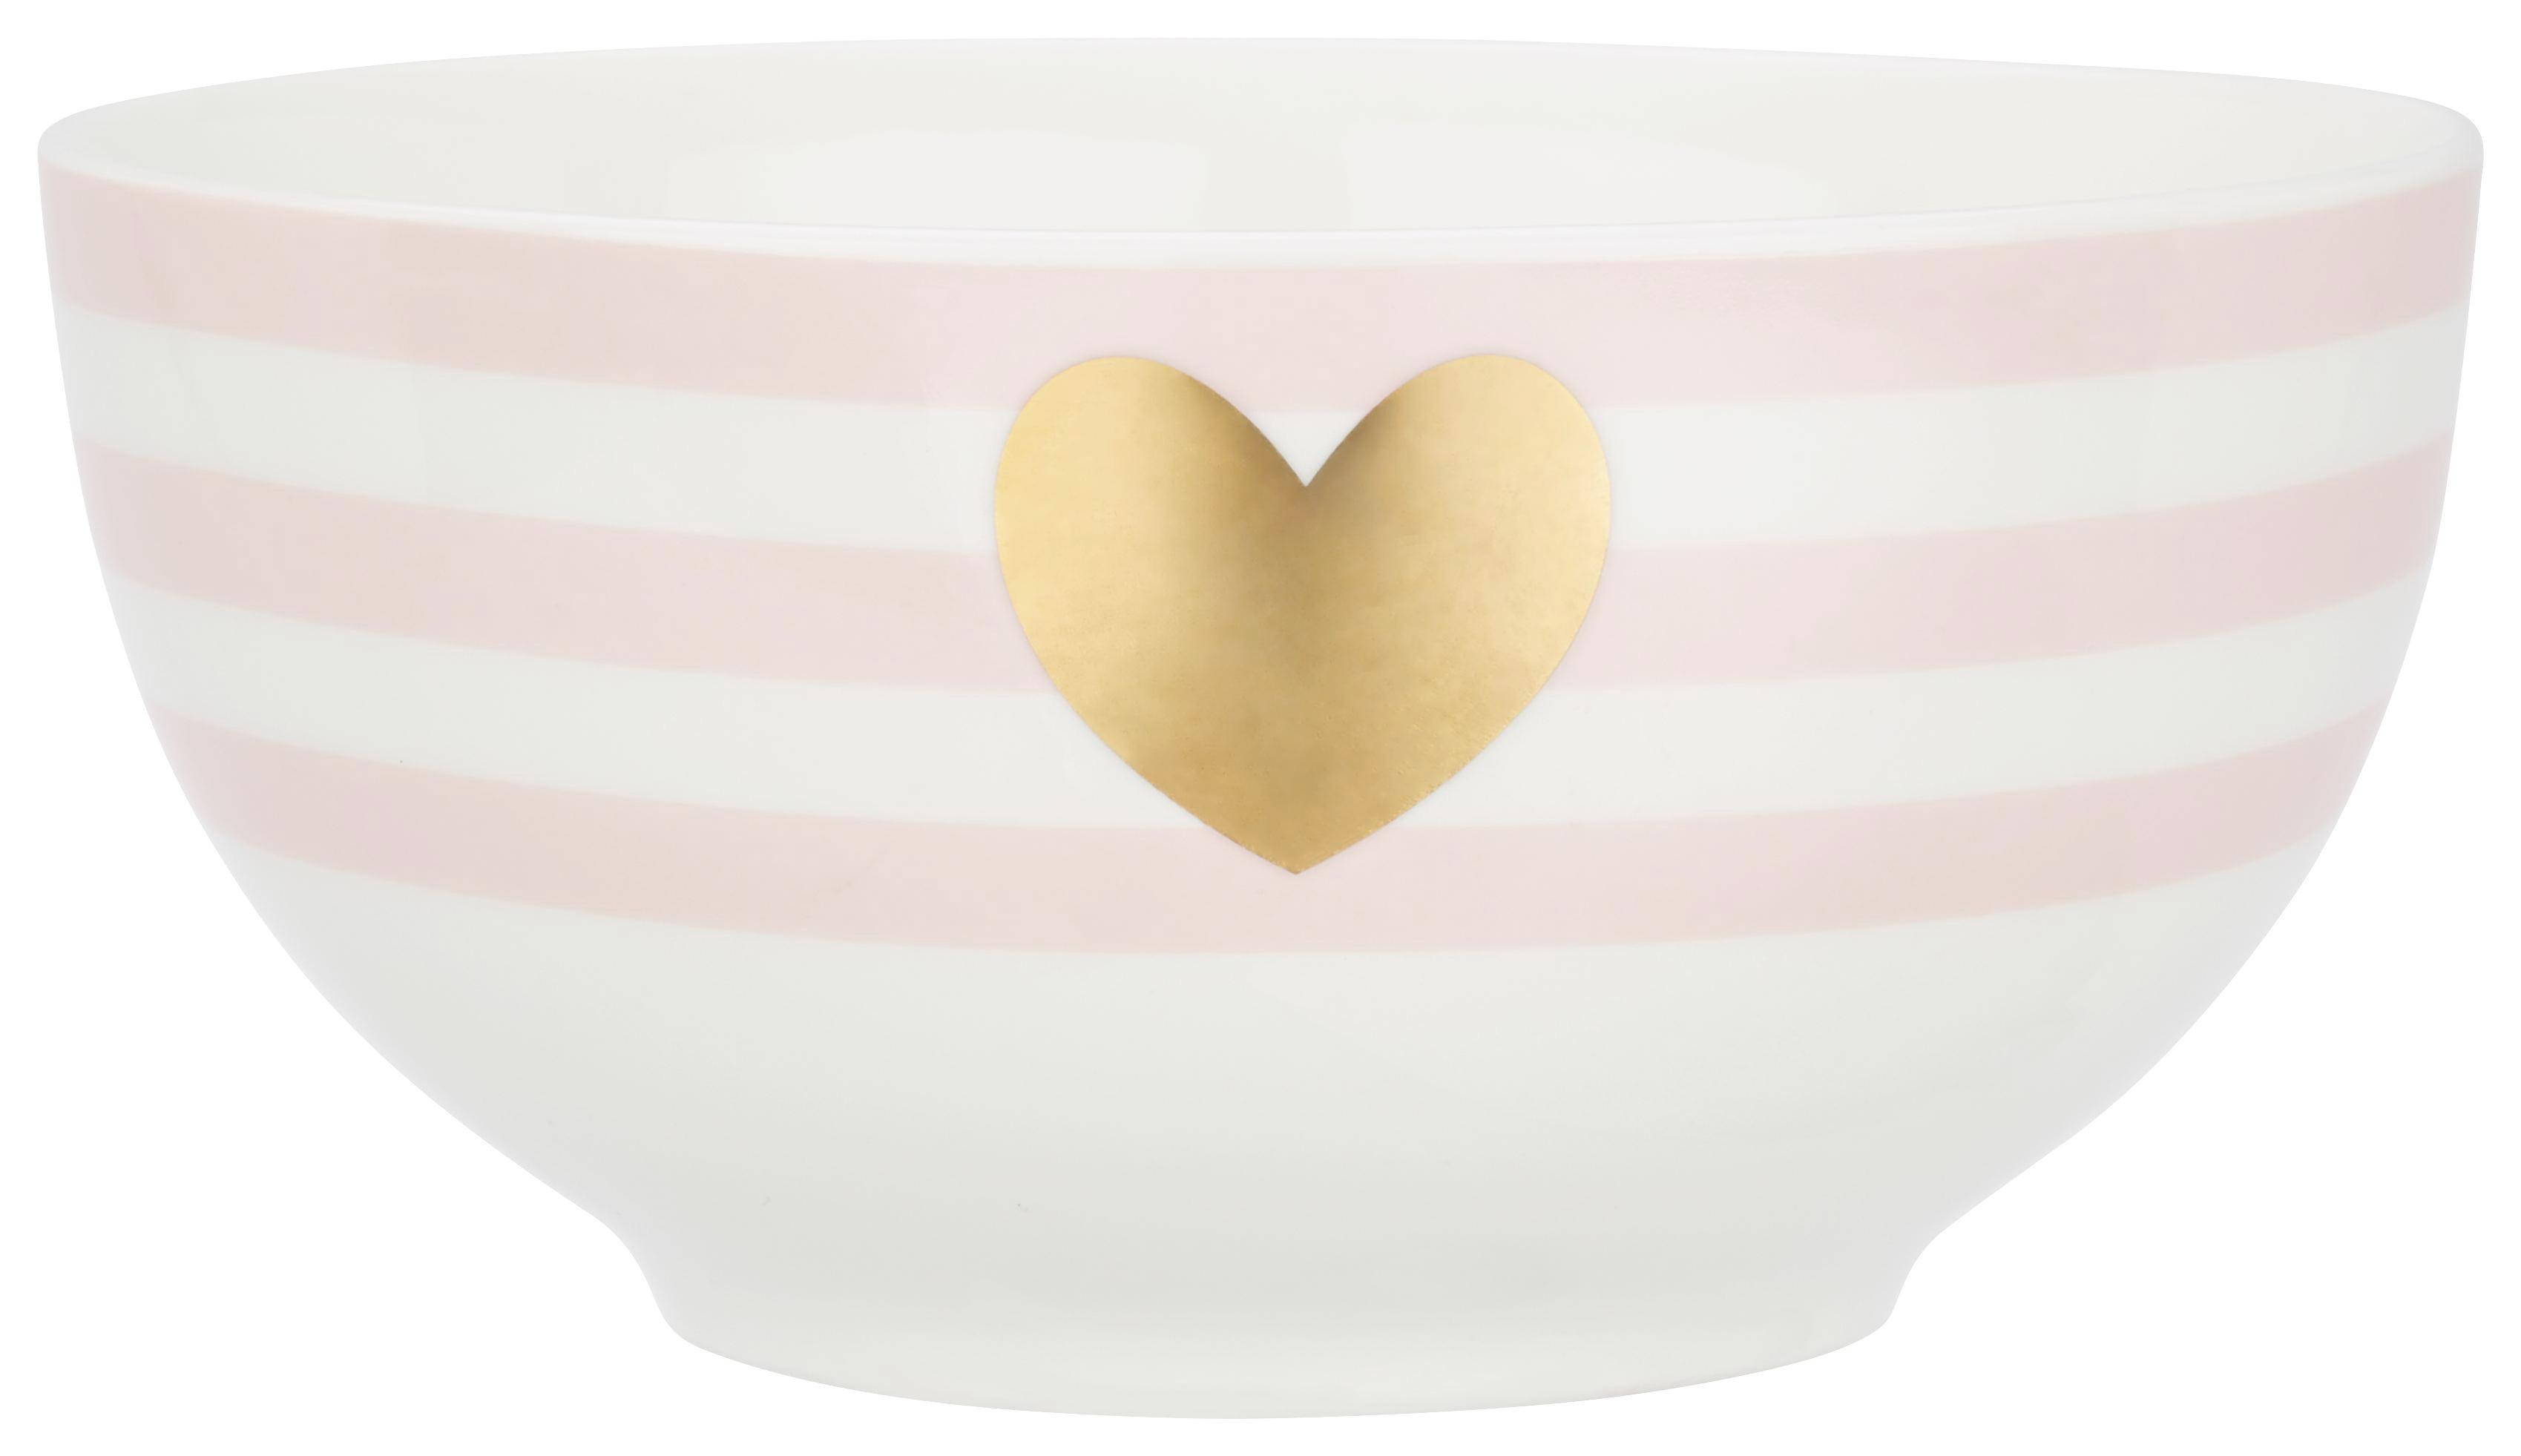 Skodelica Za Kosmiče Bibi - roza/zlata, Romantika, keramika (14cm) - MÖMAX modern living